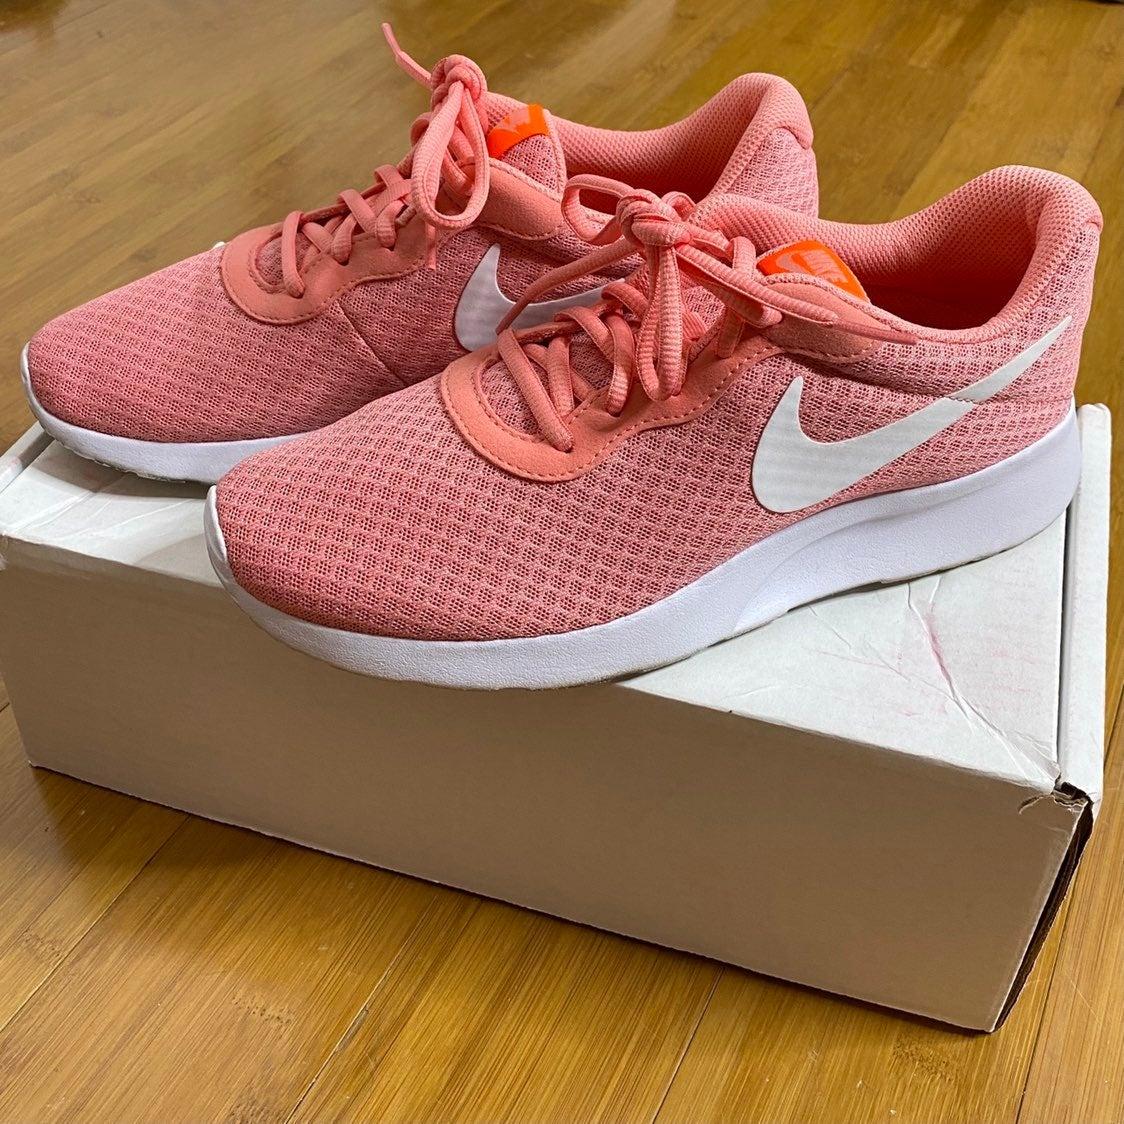 Nike Tanjun Running Shoe pink 9